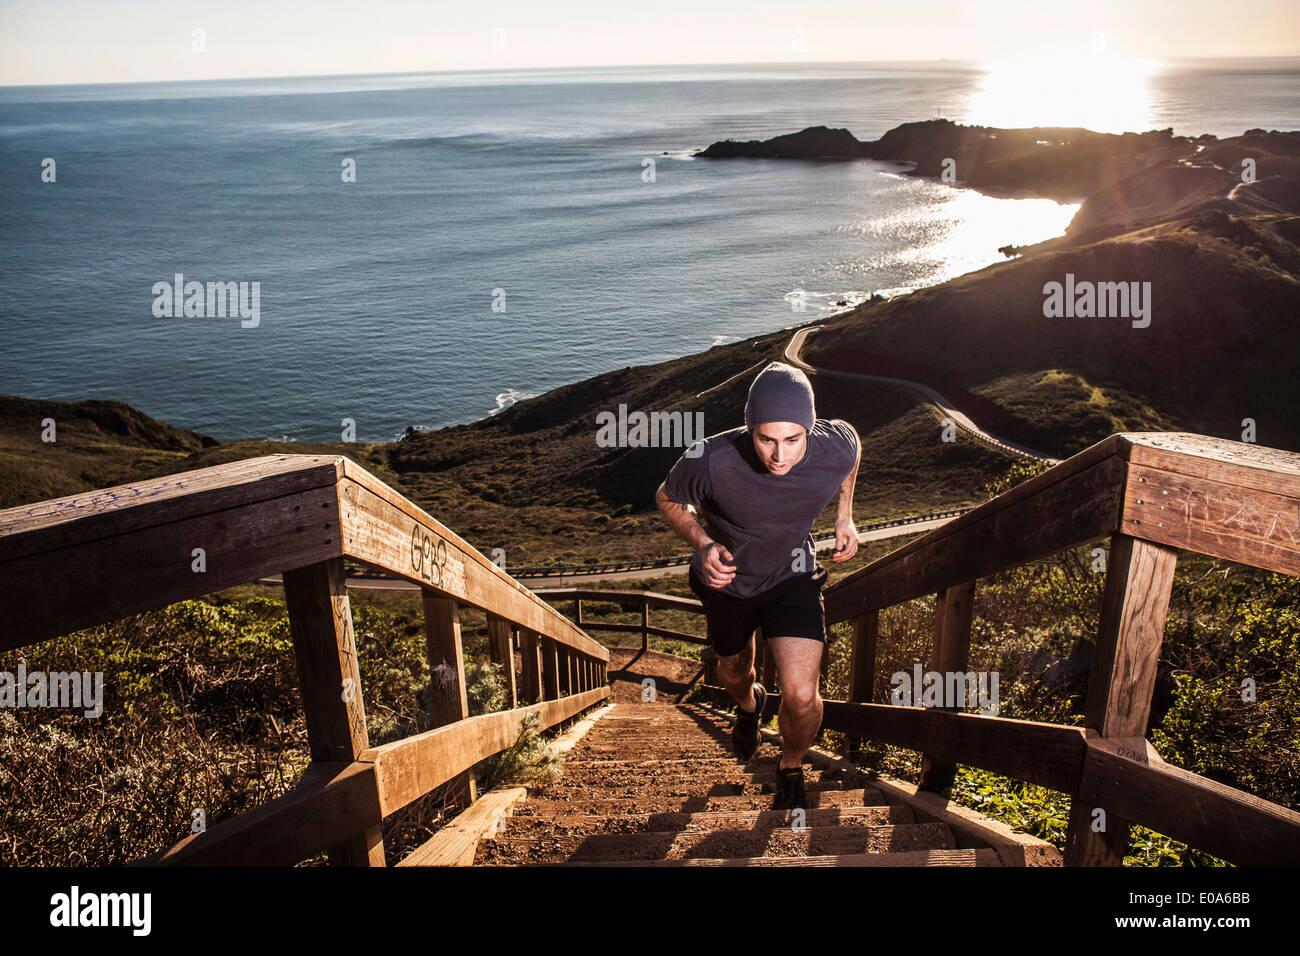 Joven corriendo escaleras costera al atardecer Imagen De Stock